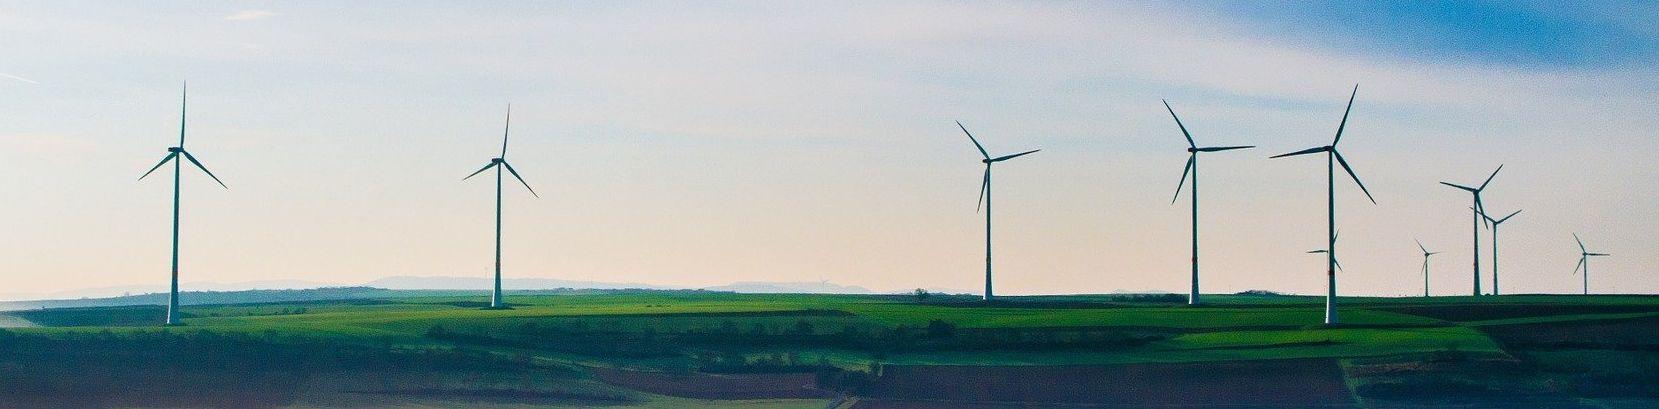 AleaSoft - Parque energía eólica turbinas